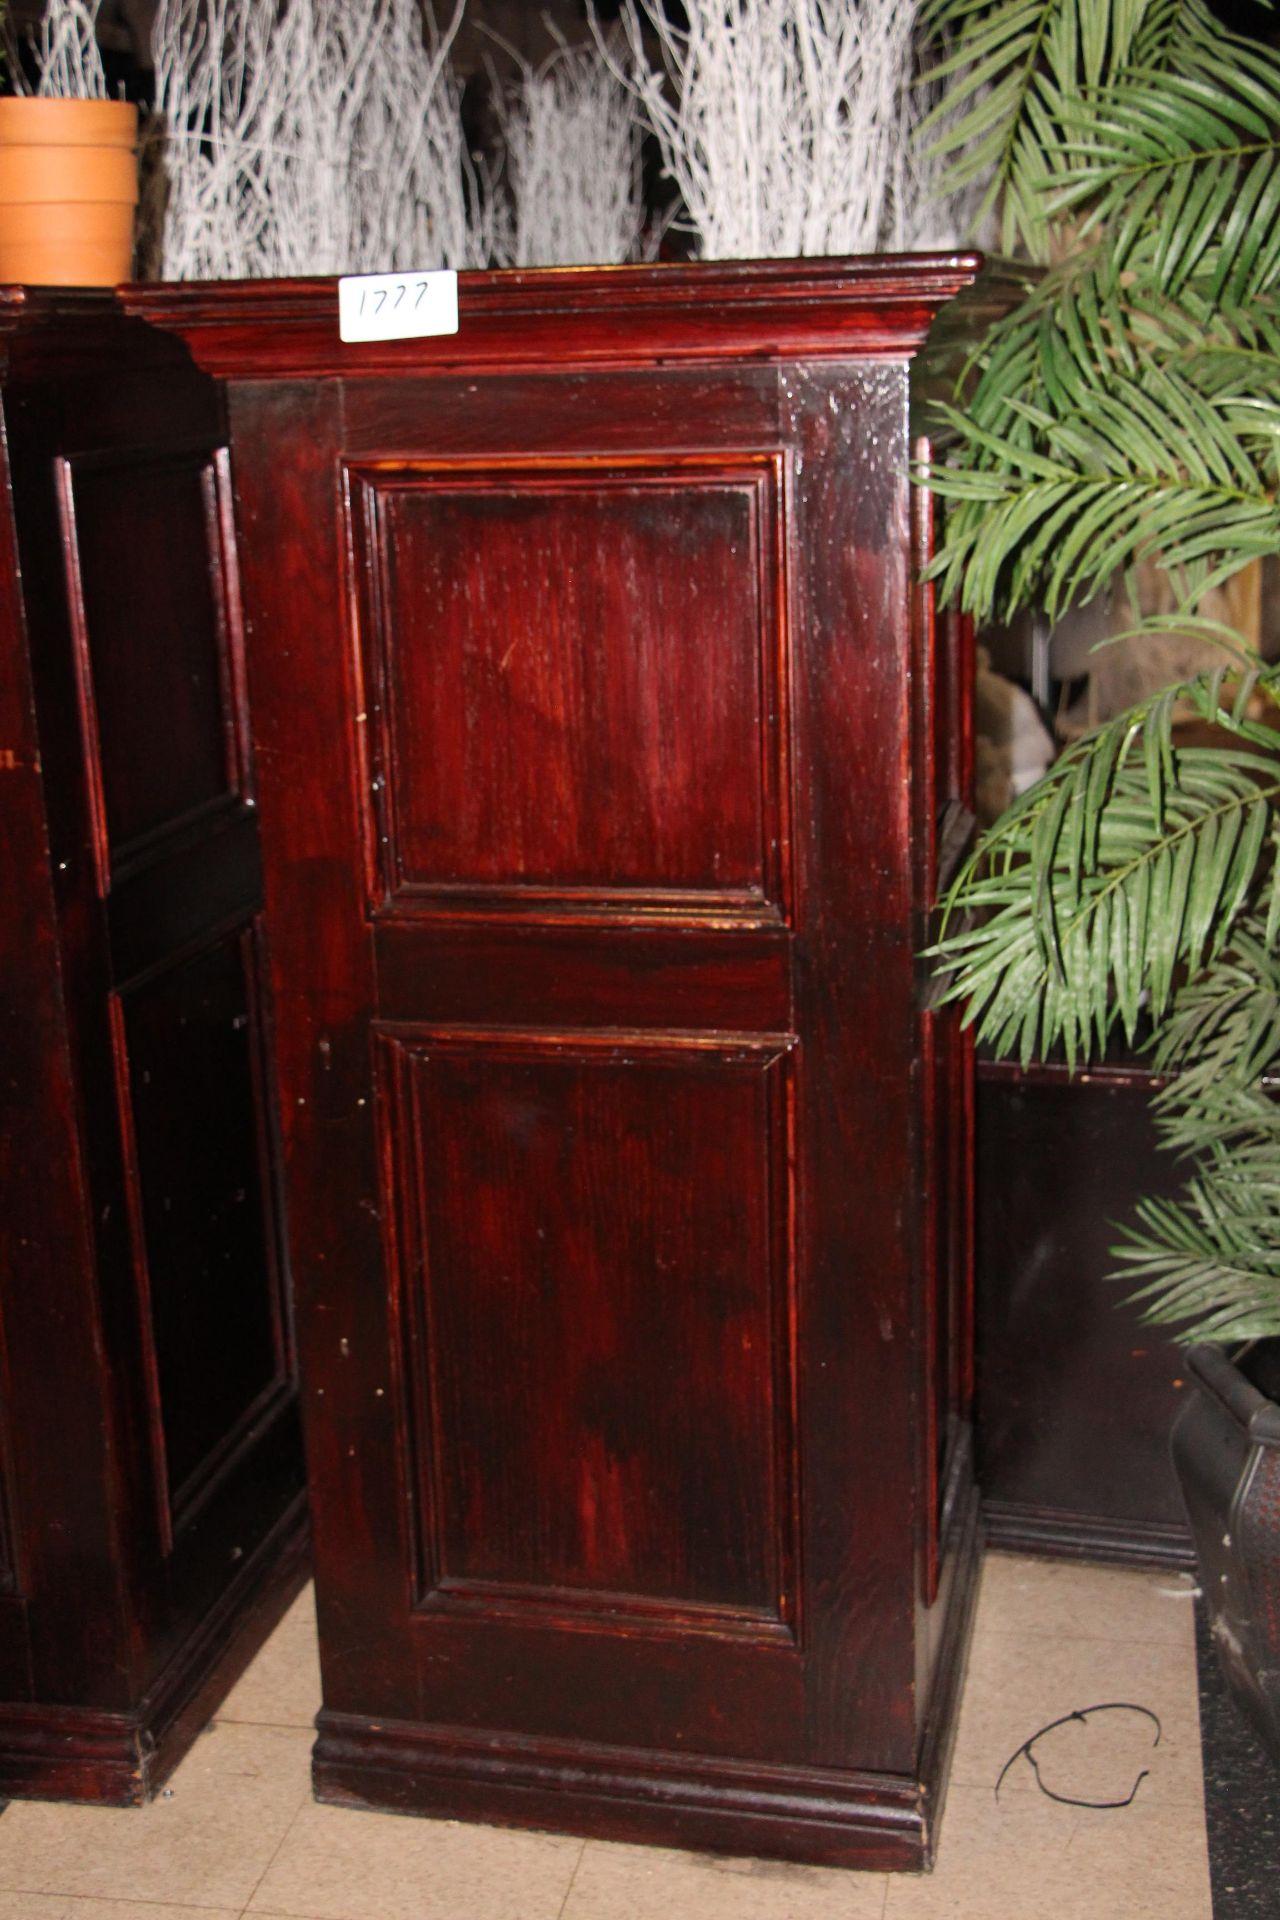 Lot 1777 - Wooden pillar